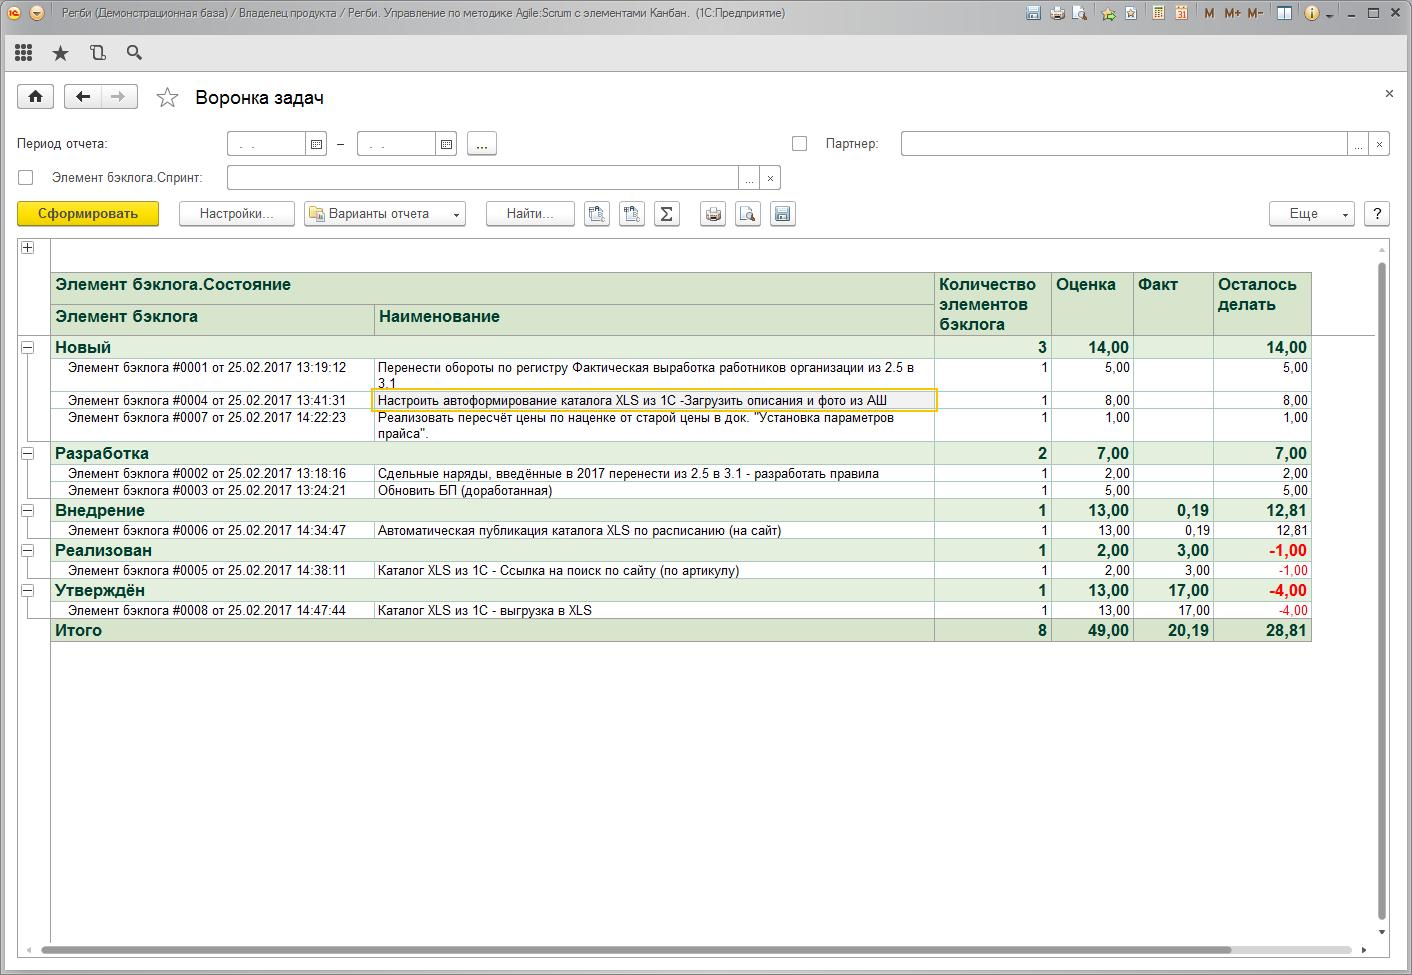 Скриншот - отчёт - Состояние/элемент бэклога